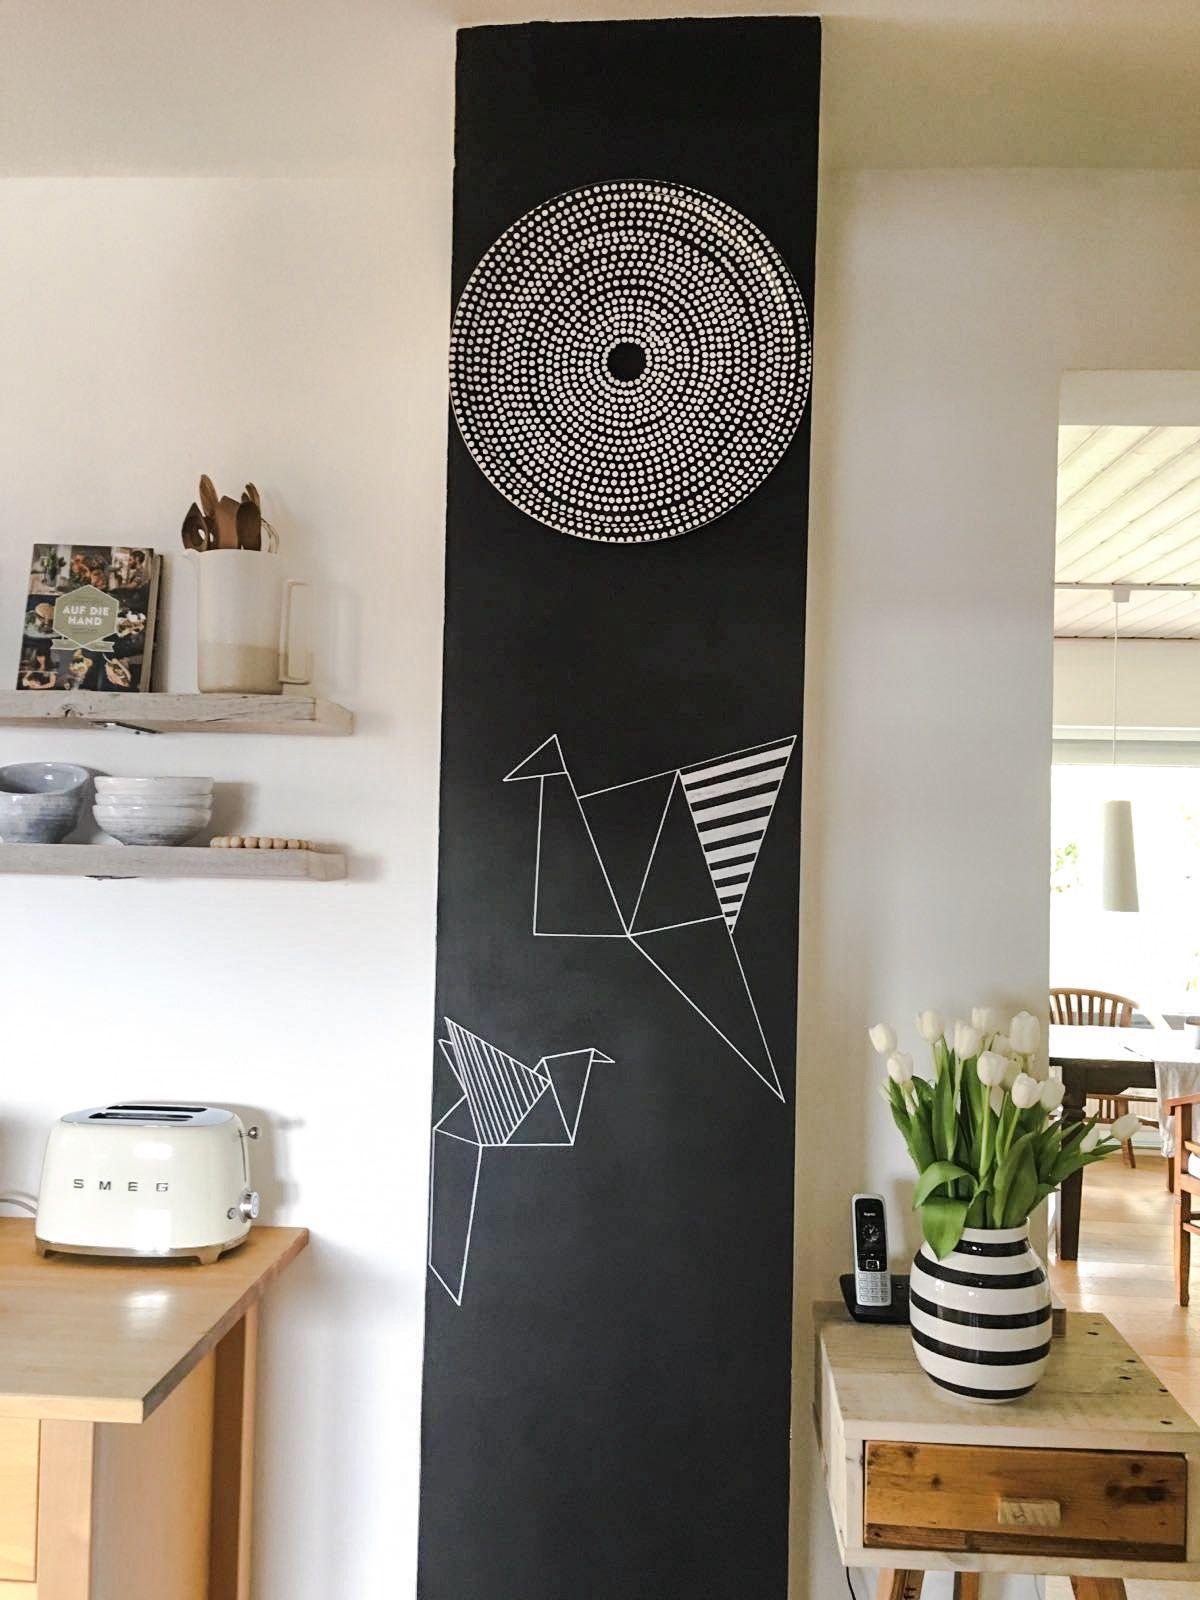 Schön Tafelwand Küche Referenz Von Das Schöne An Der Tafelfarbe Ist, Dass